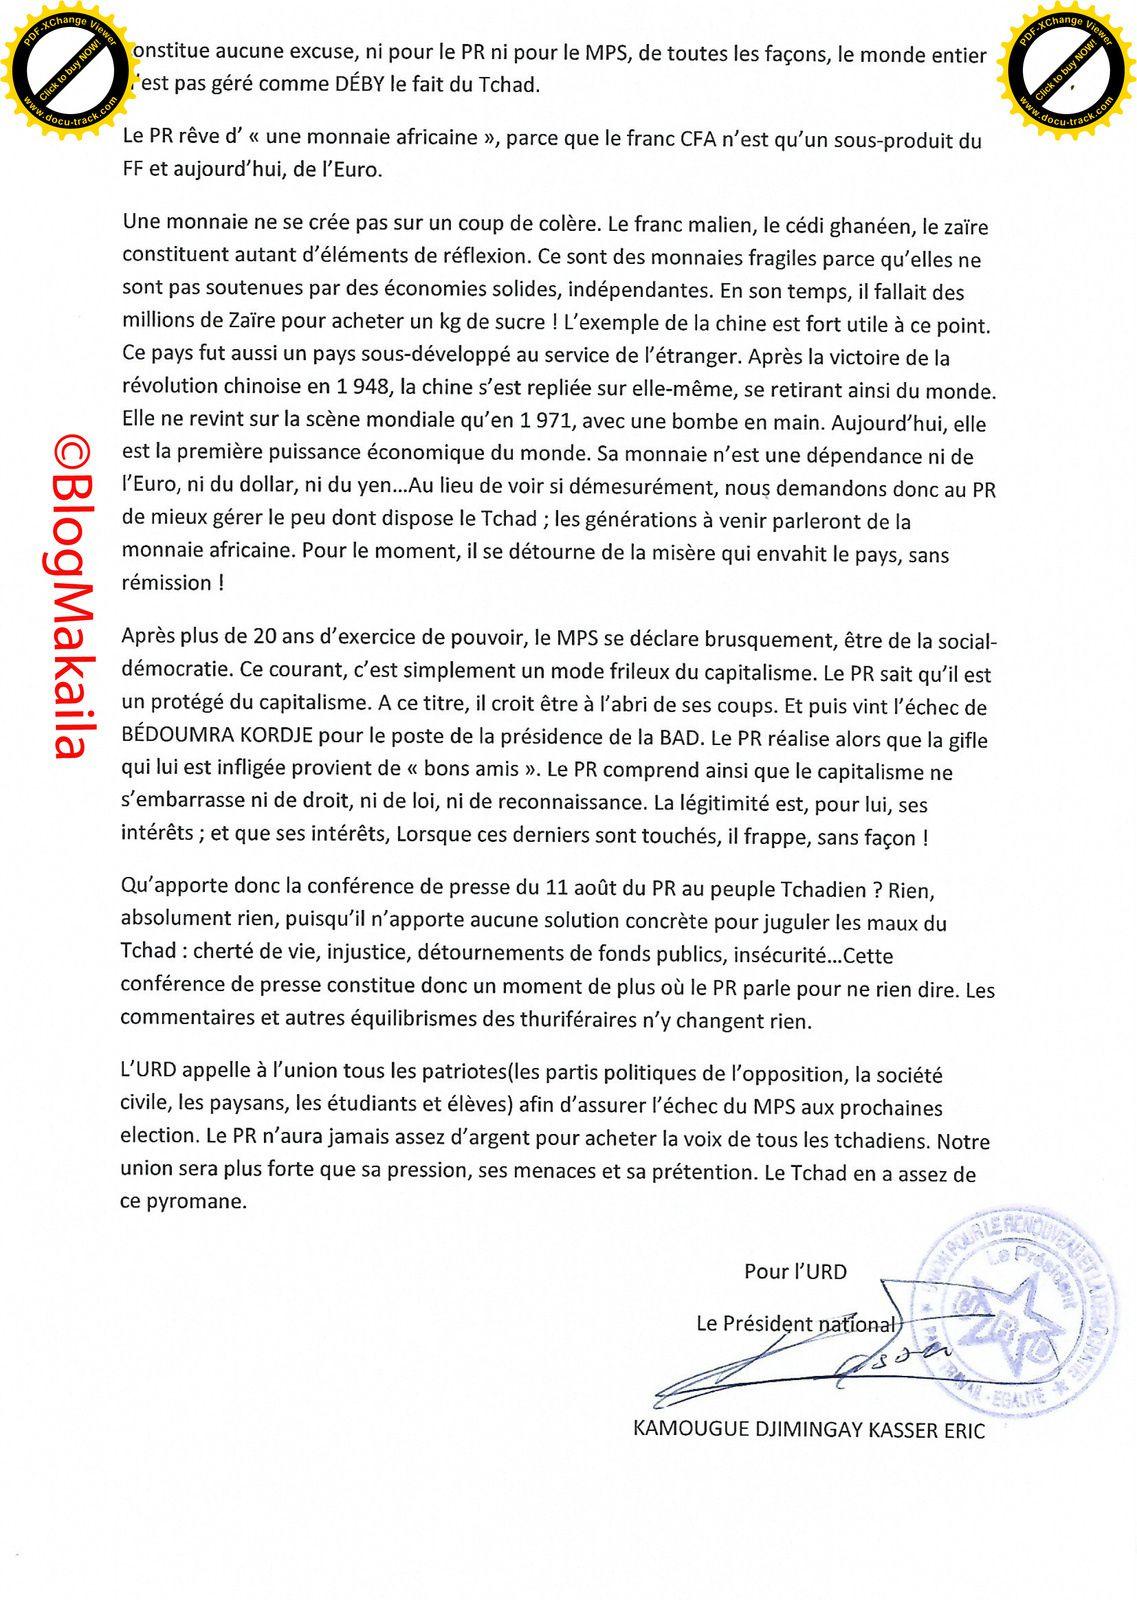 Relecture du discours du Président de la République (PR) du 11 août 2 015